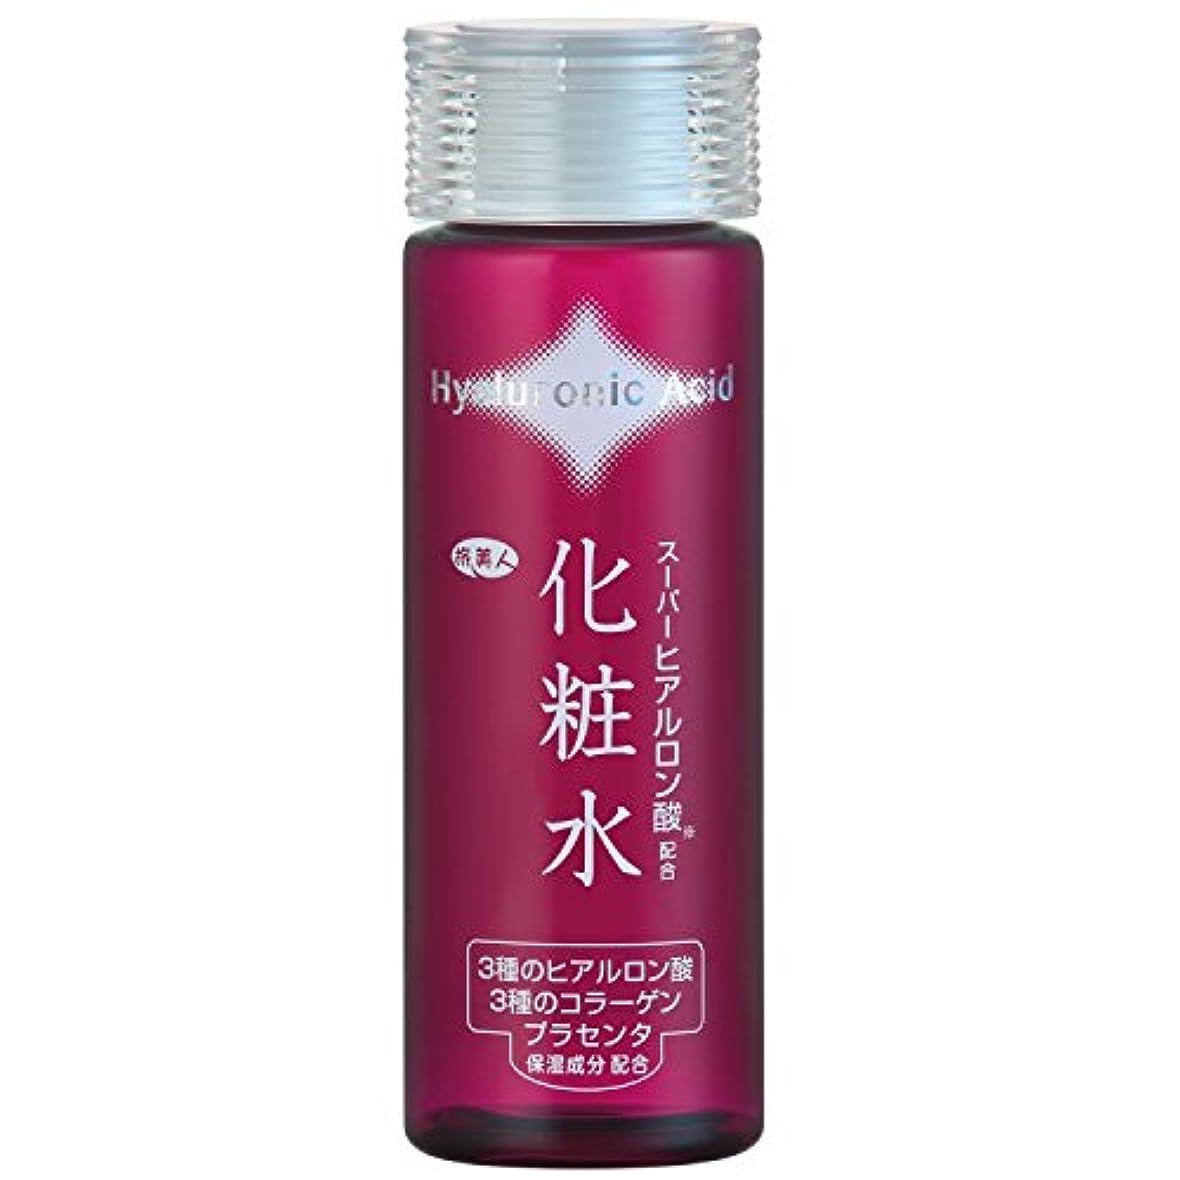 ボーナス硫黄沈黙アズマ商事のスーパーヒアルロン酸配合化粧水